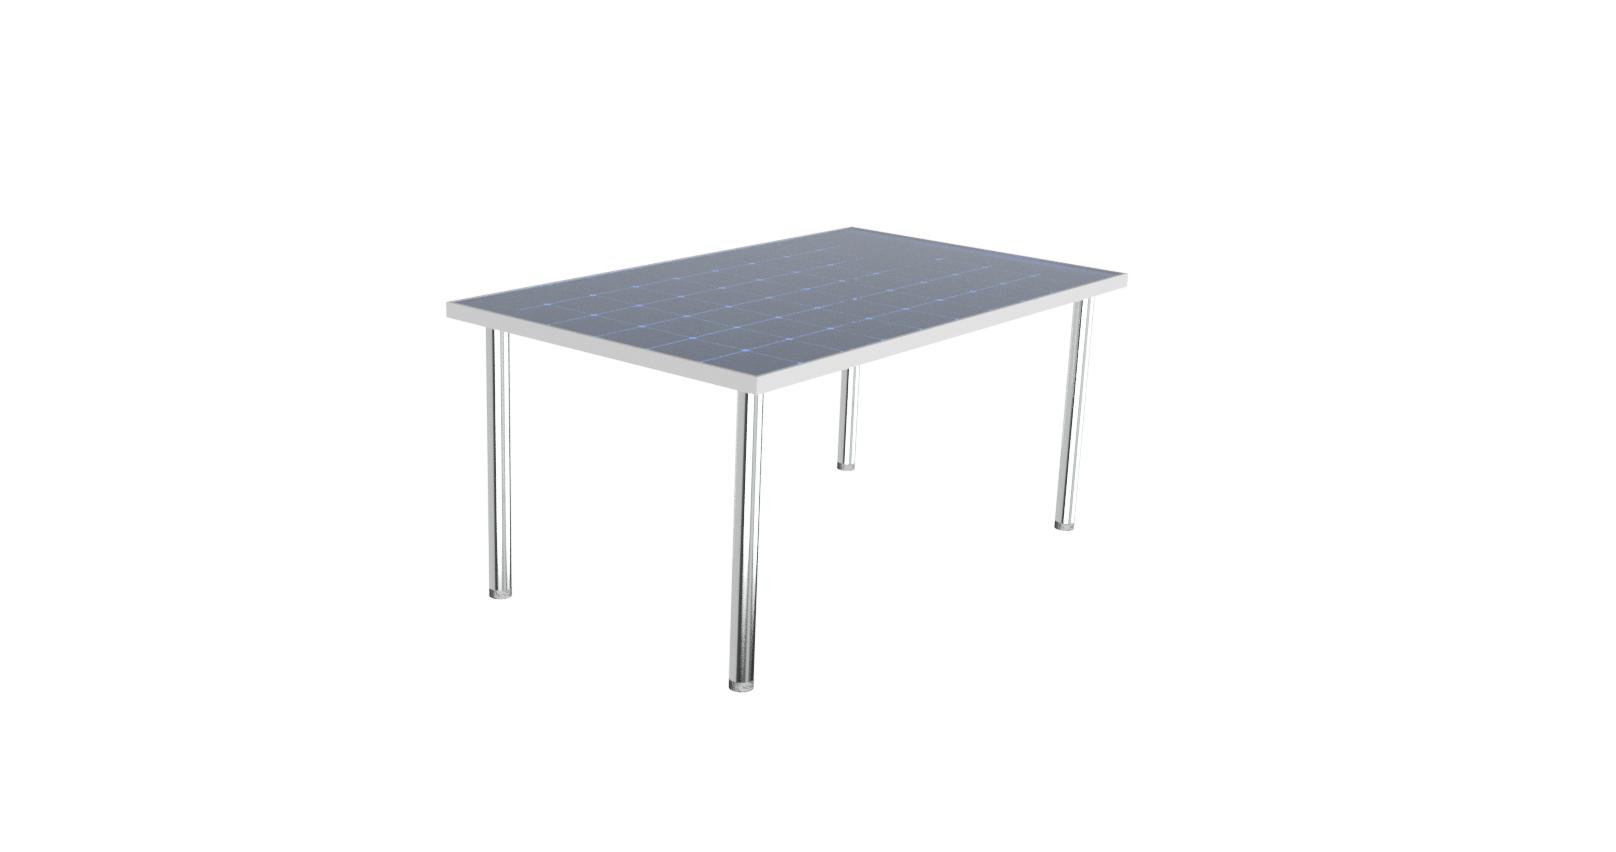 Zusammenbau_PV-Tisch-Var_2